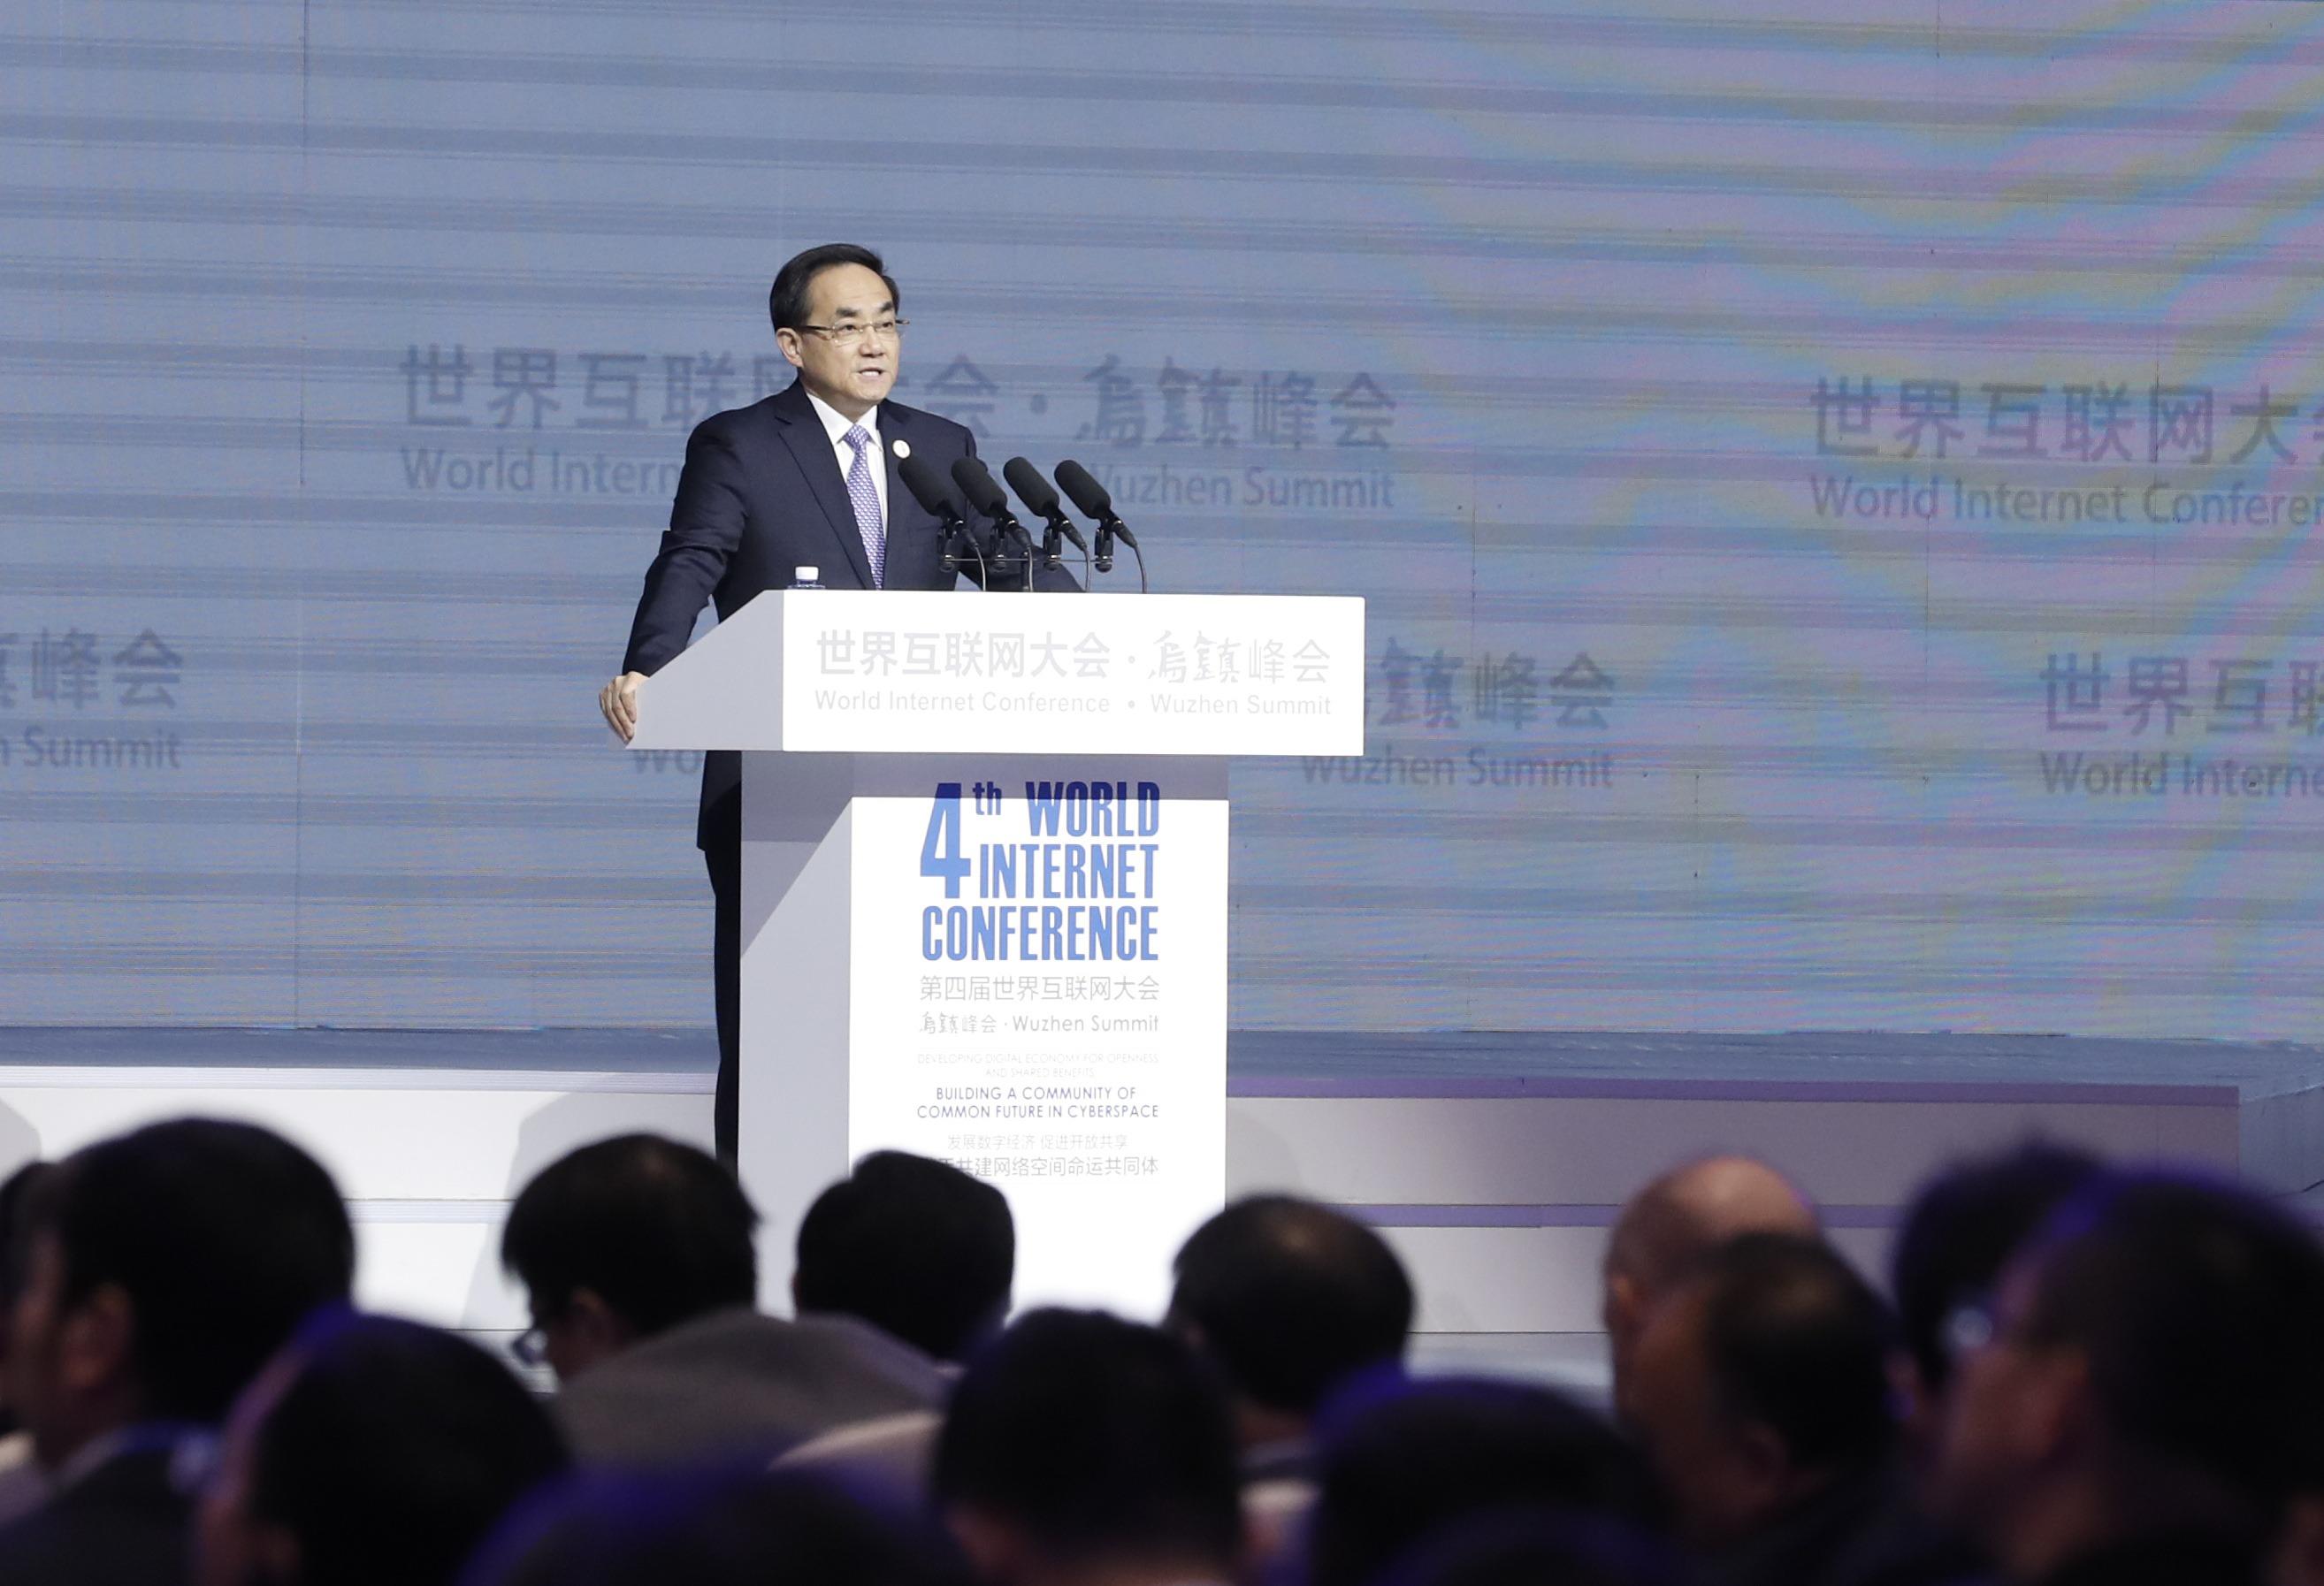 4th World Internet Conference - Wuzhen Summit